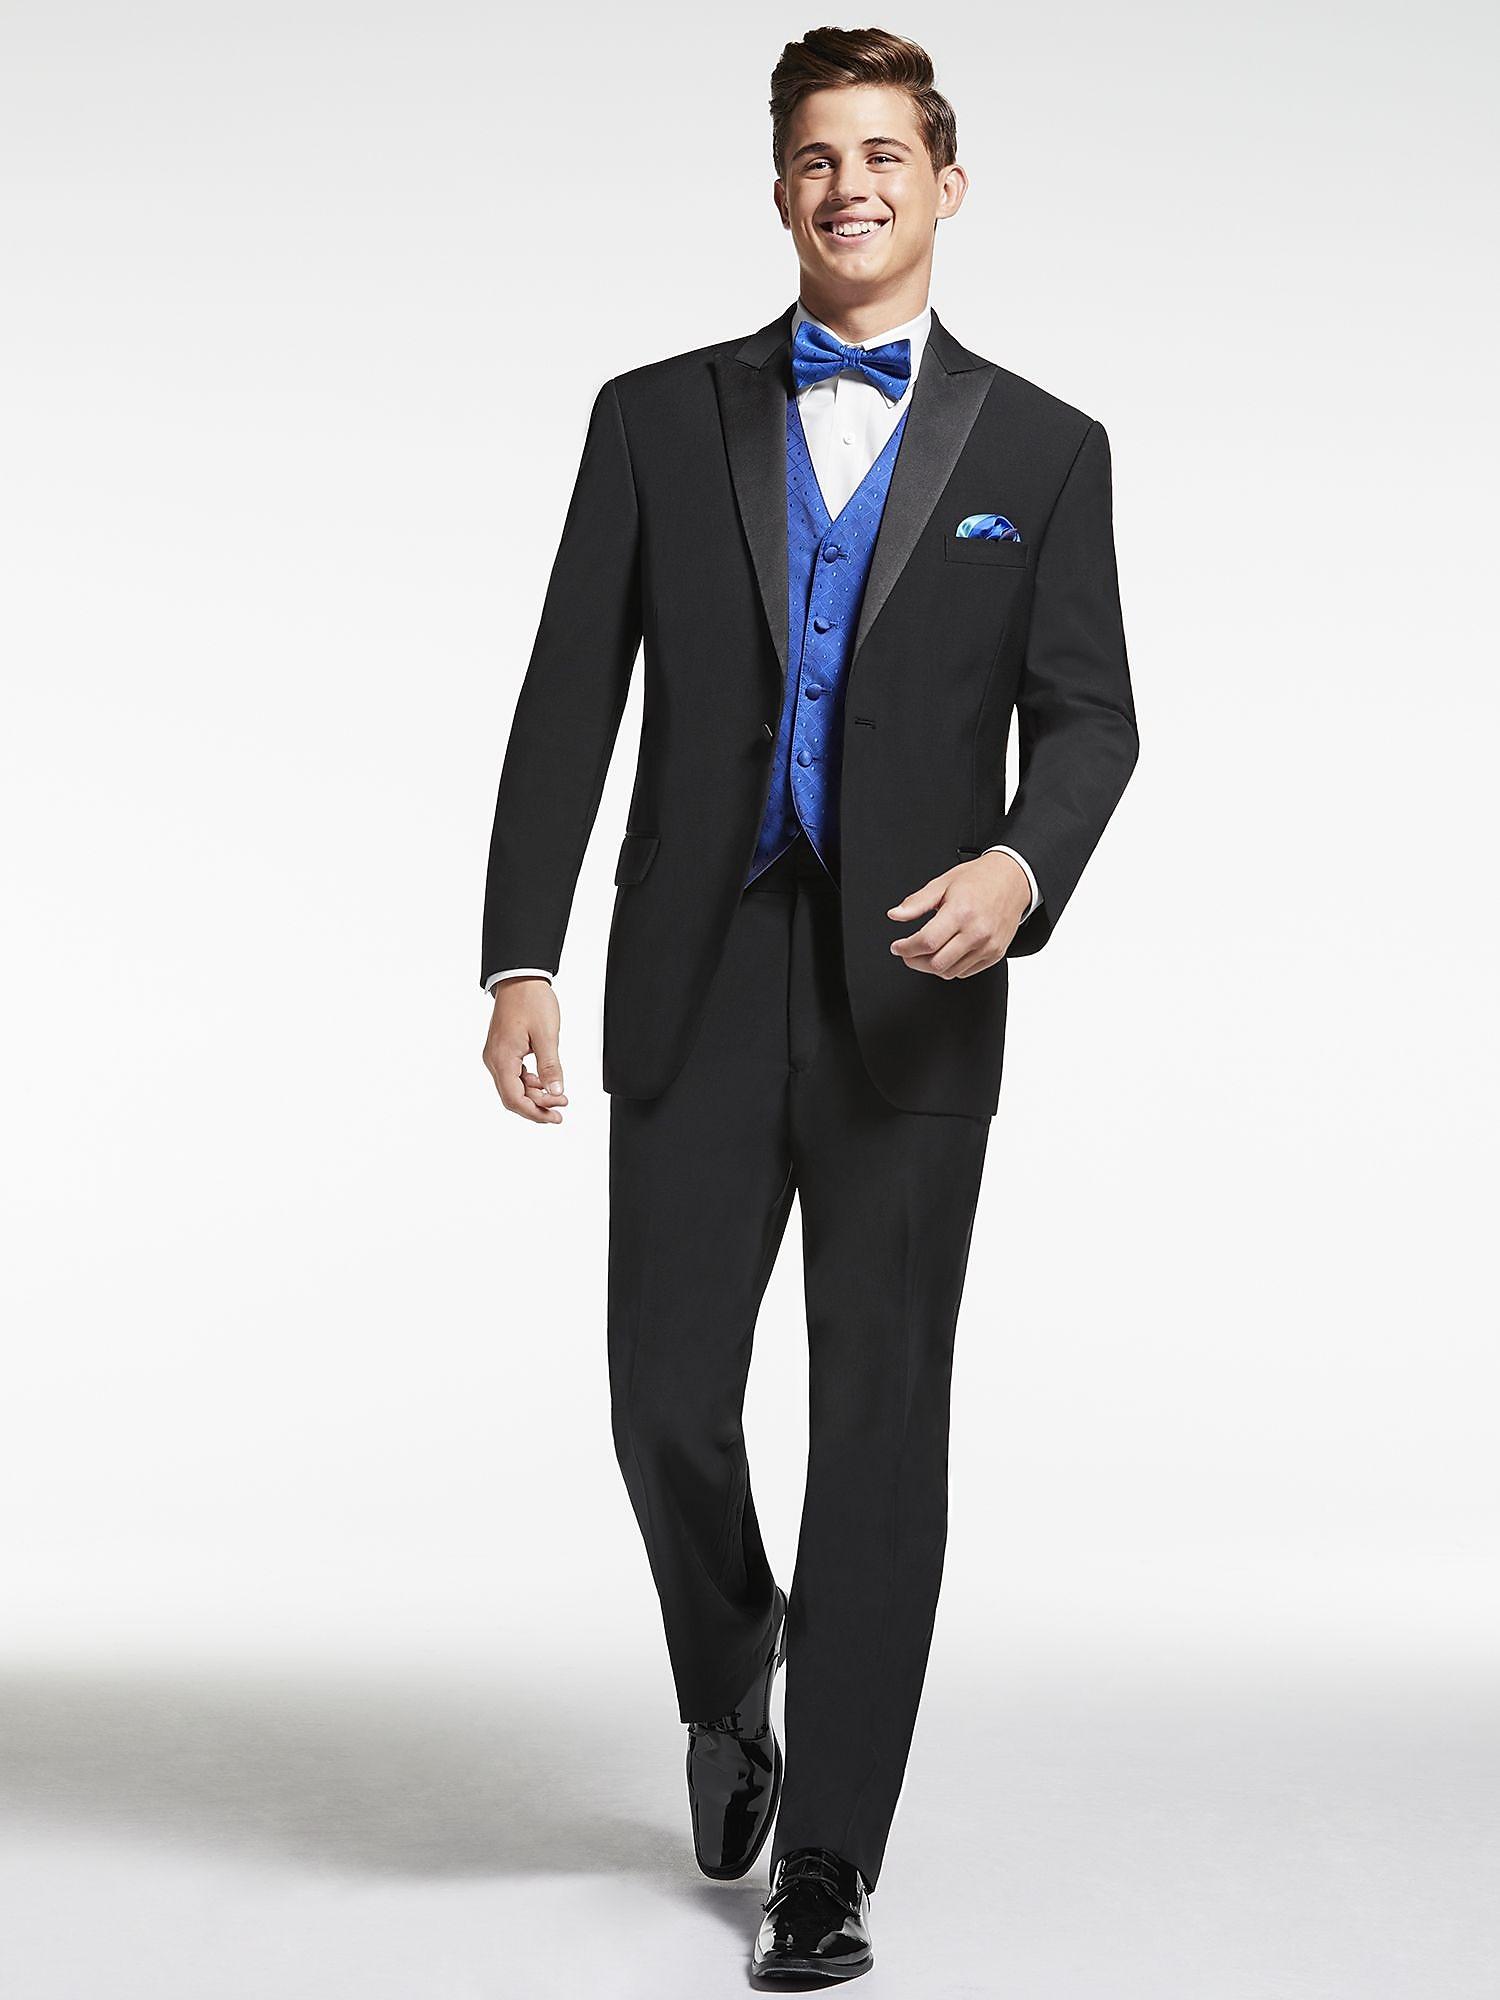 Black Tuxedo - Calvin Klein - Black Peak   Men\'s Wearhouse   Men\'s ...